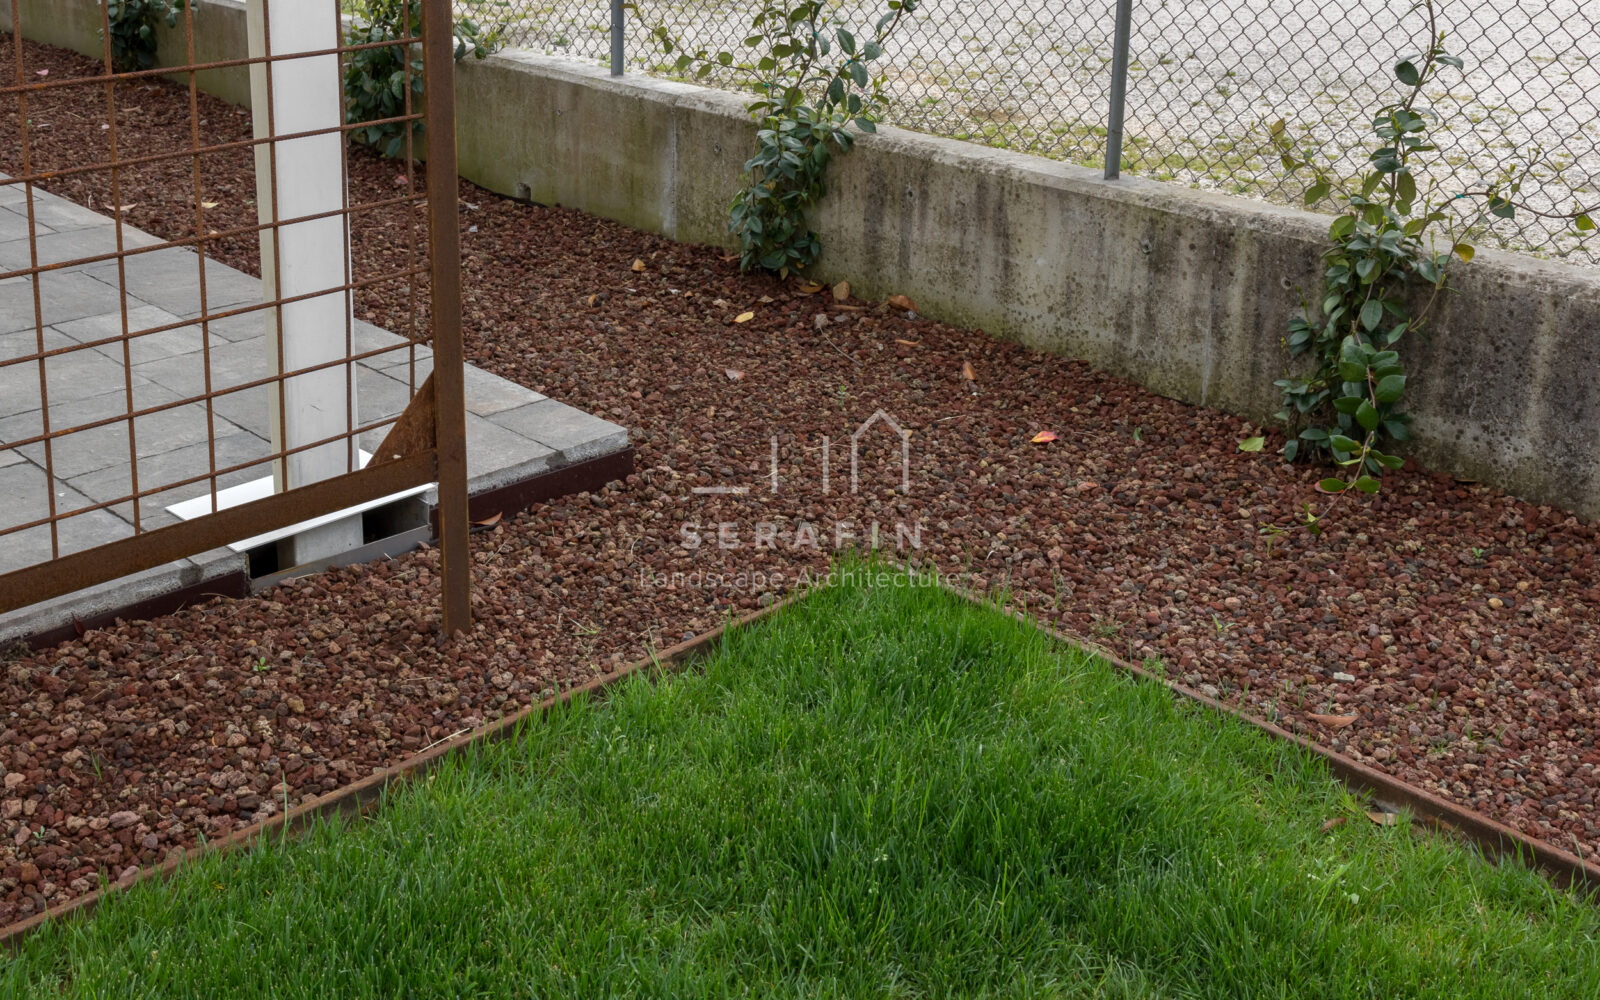 progetto di un giardino privato a padova - 15